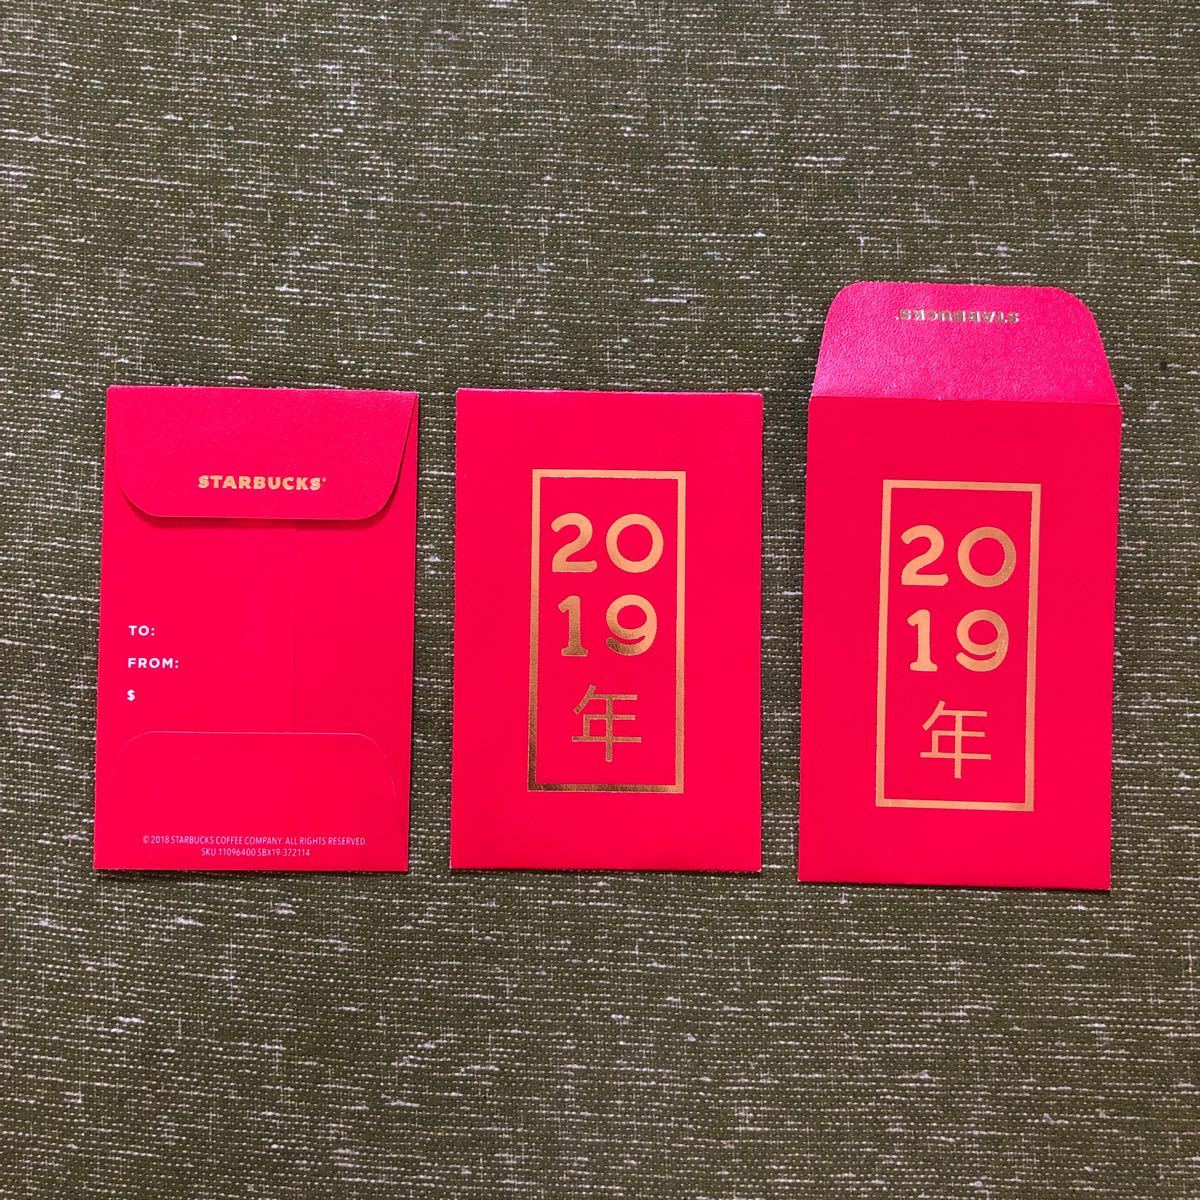 スターバックス カードケース 2019 スタバ カードホルダー 3枚